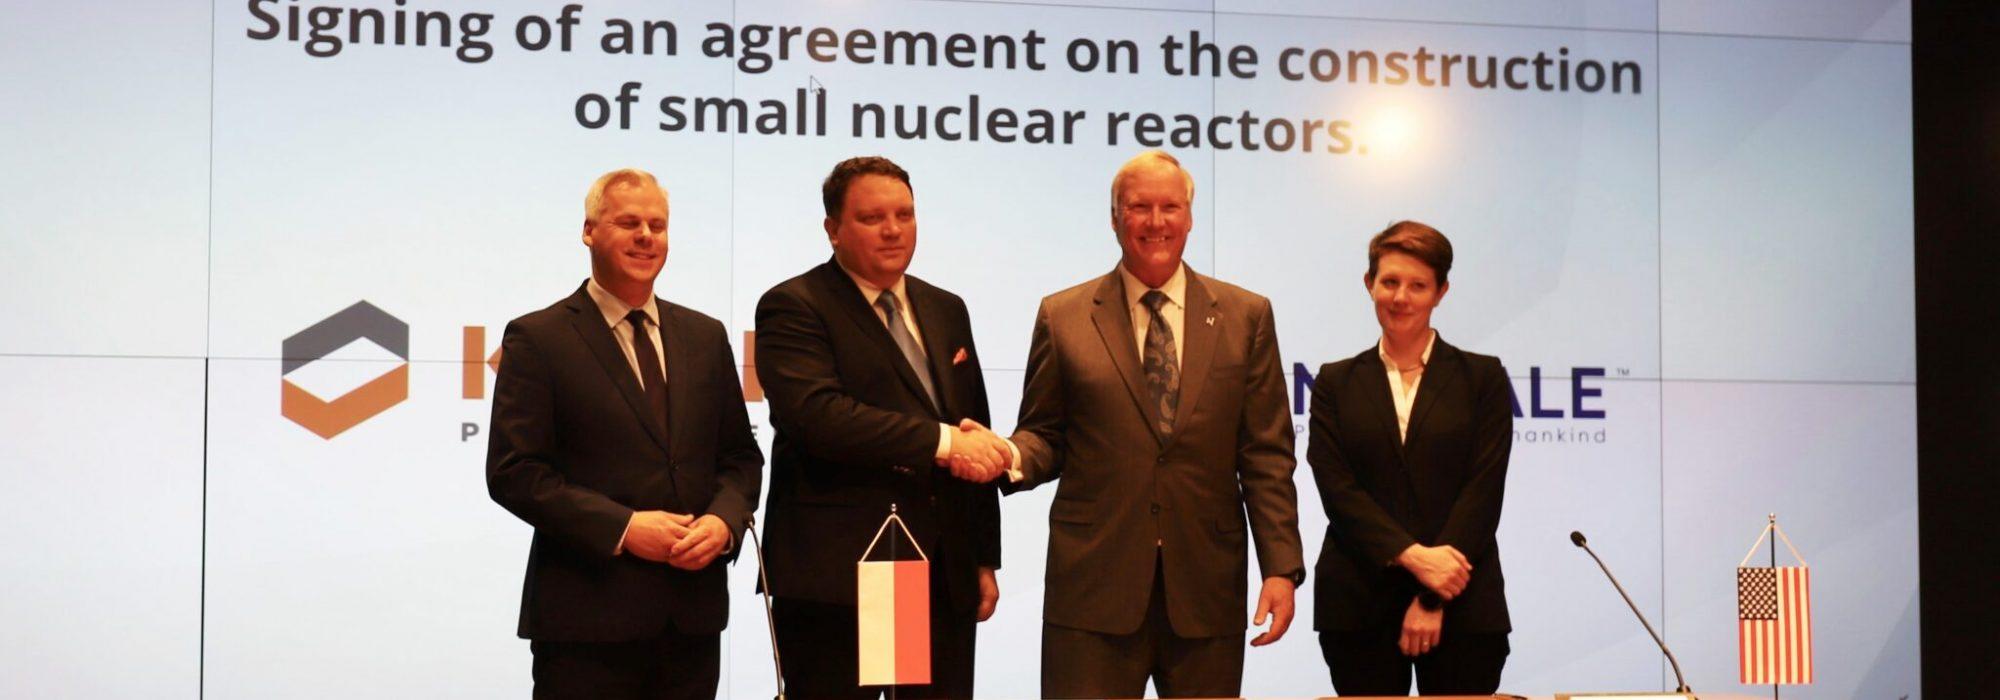 kghm_wybuduje_pierwsze_w_polsce_male_reaktory_nuklearne_2_